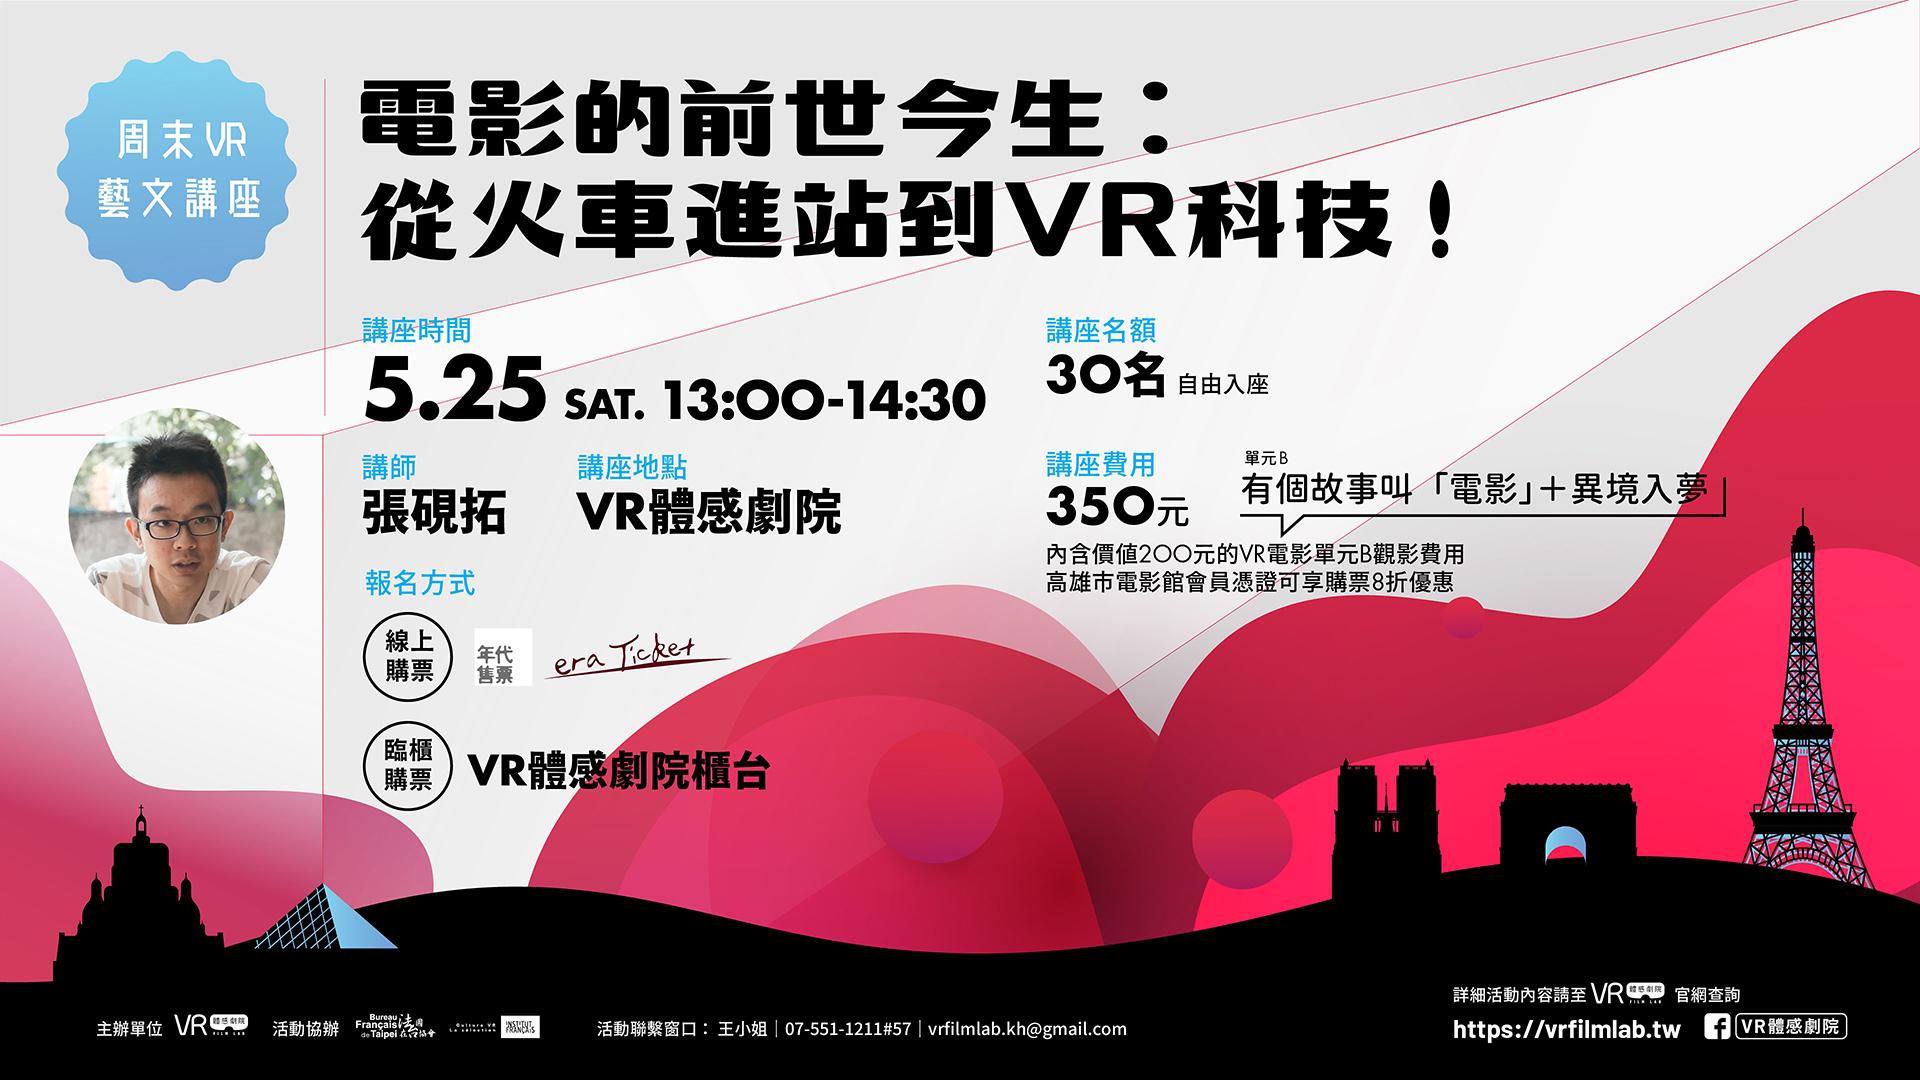 周末VR藝文講座|電影的前世今生:從火車進站到VR科技!